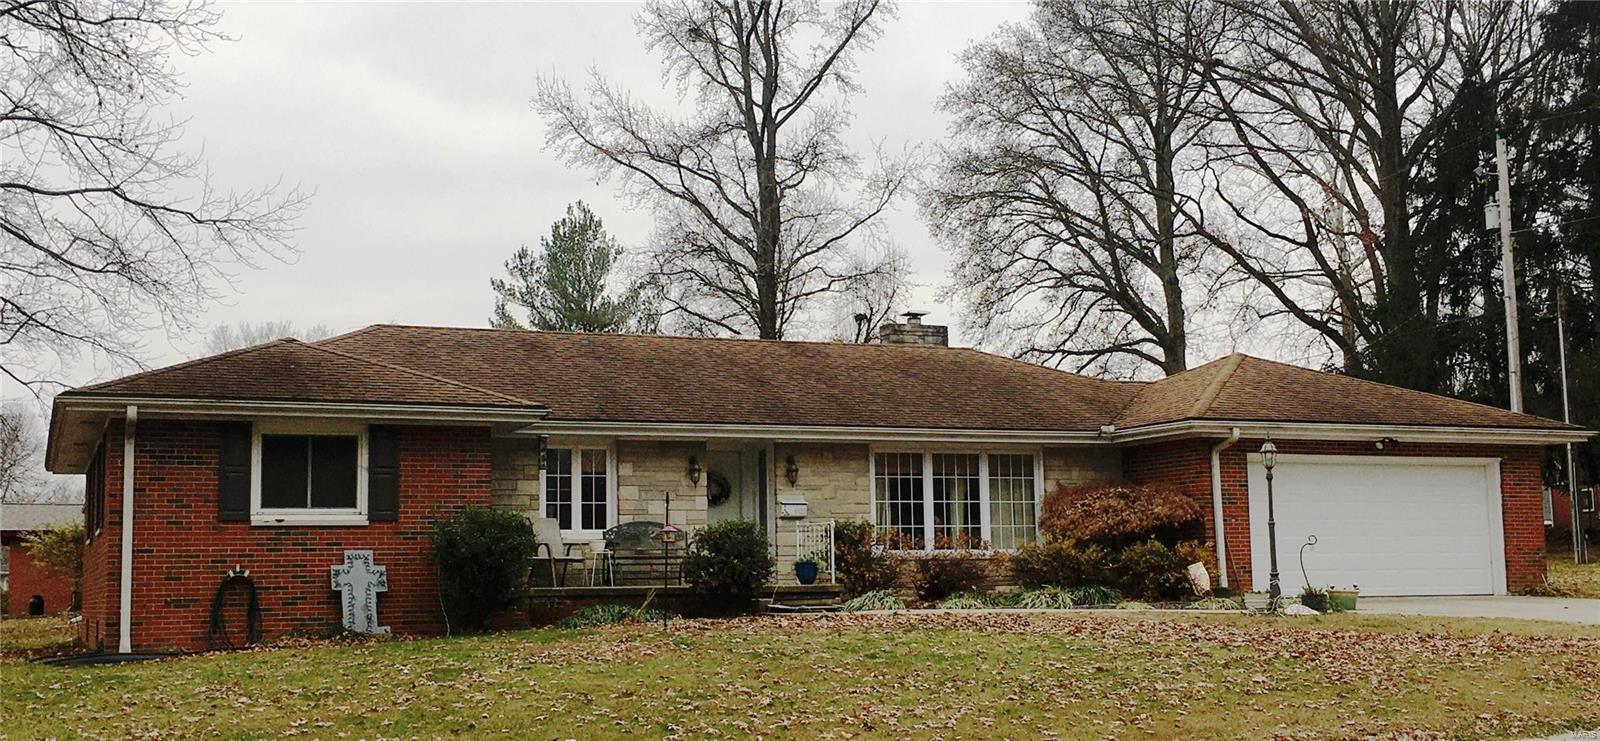 605 Killarney Drive Property Photo - Greenville, IL real estate listing